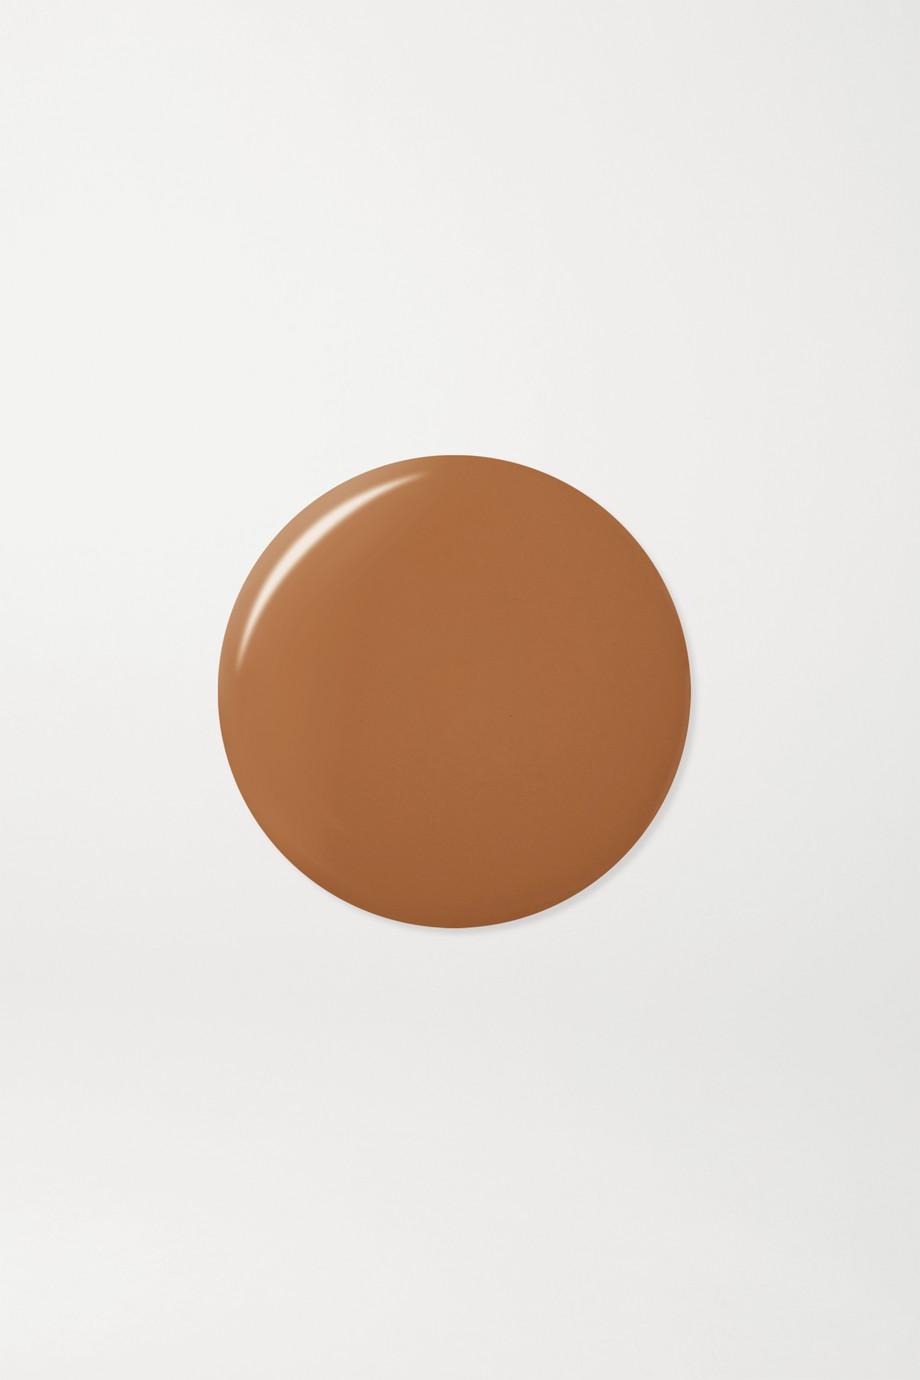 Kosas Tinted Face Oil, 30ml - 7.5